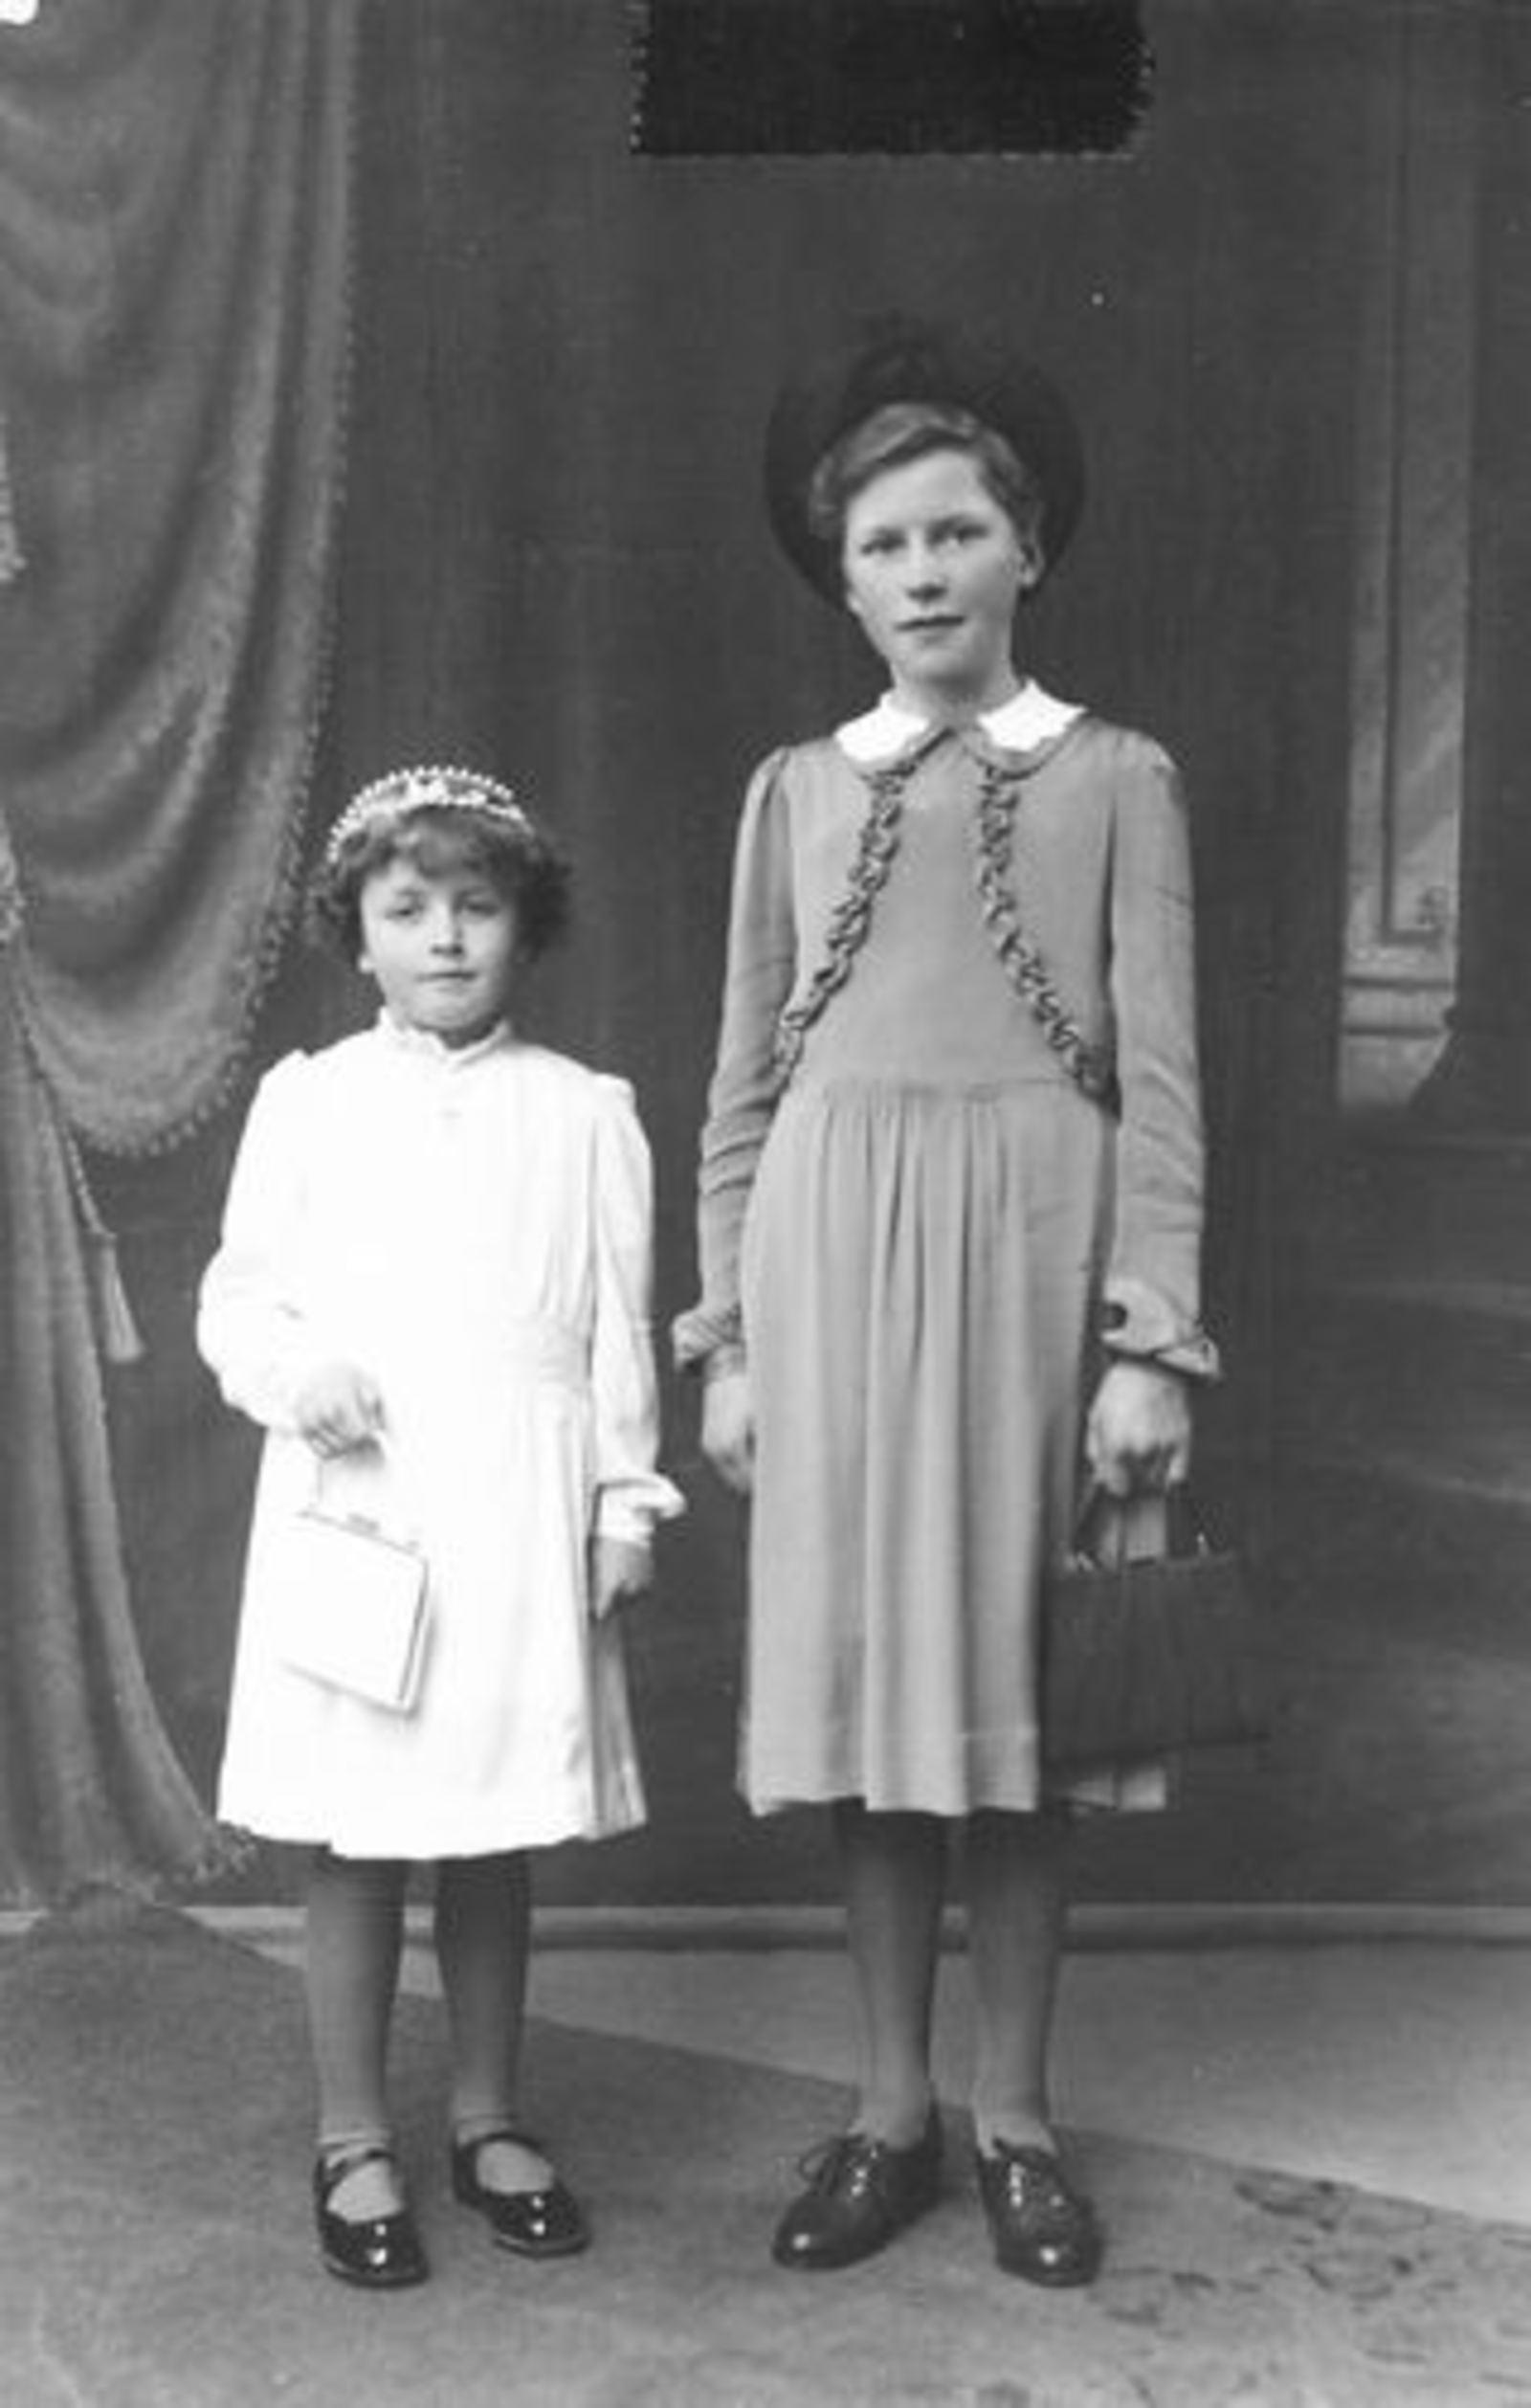 Calvelage Grard 1934 1942± met Mart bij Fotograaf